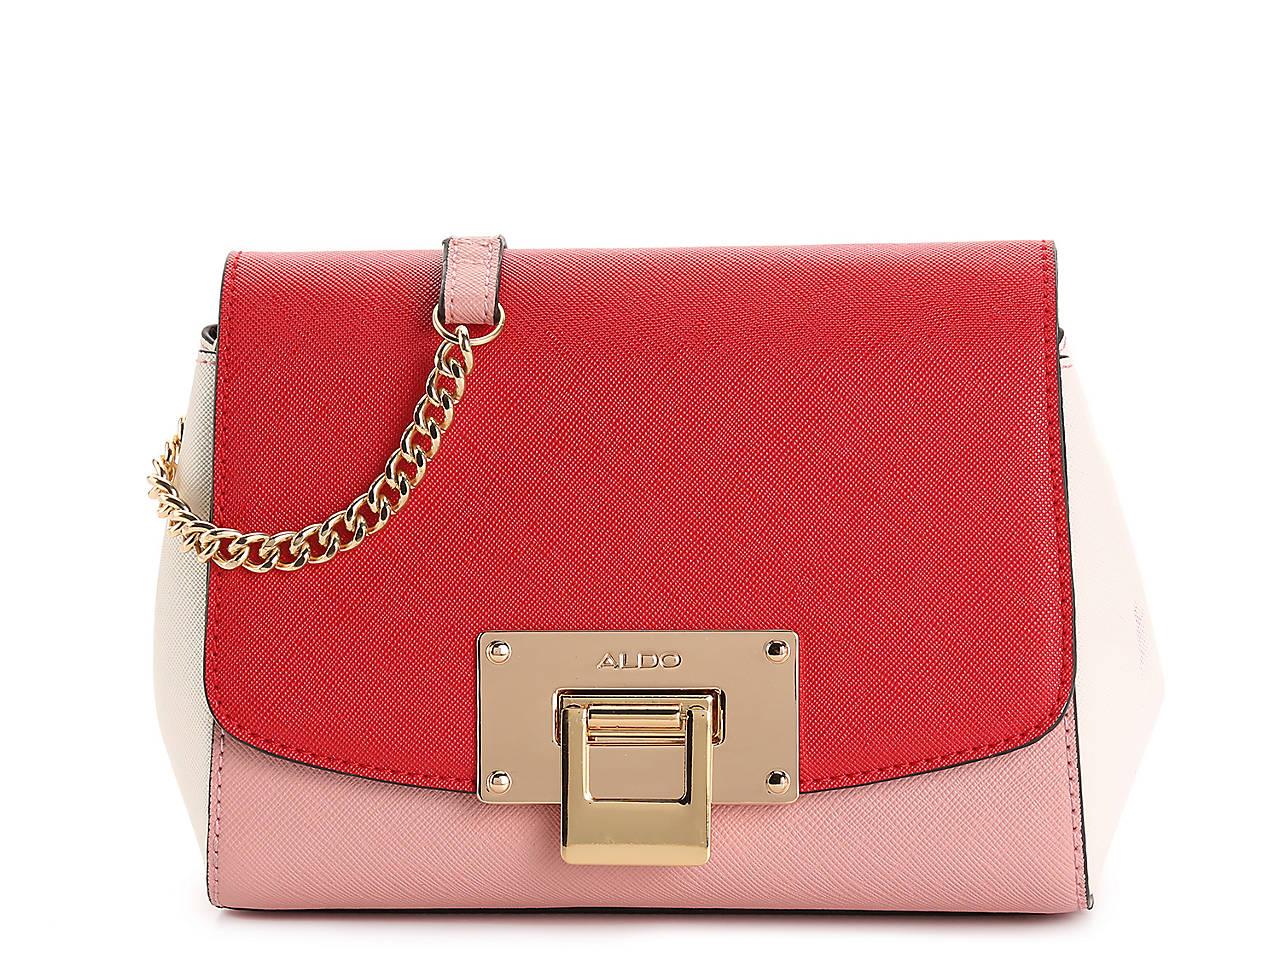 c61b07723da Aldo Rotella Crossbody Bag Women s Handbags   Accessories